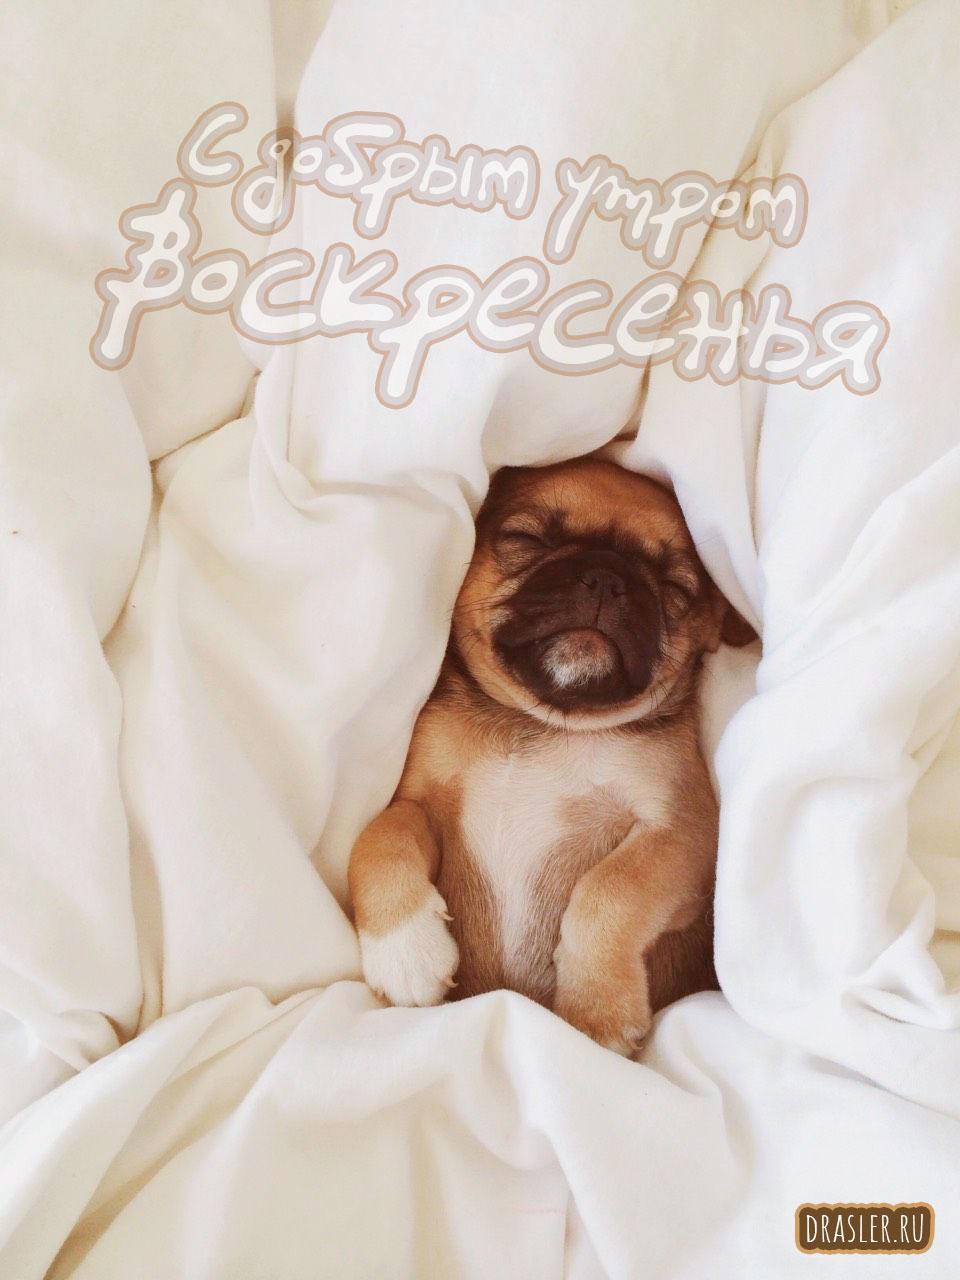 С добрым утром воскресенья - красивые картинки, открытки 2